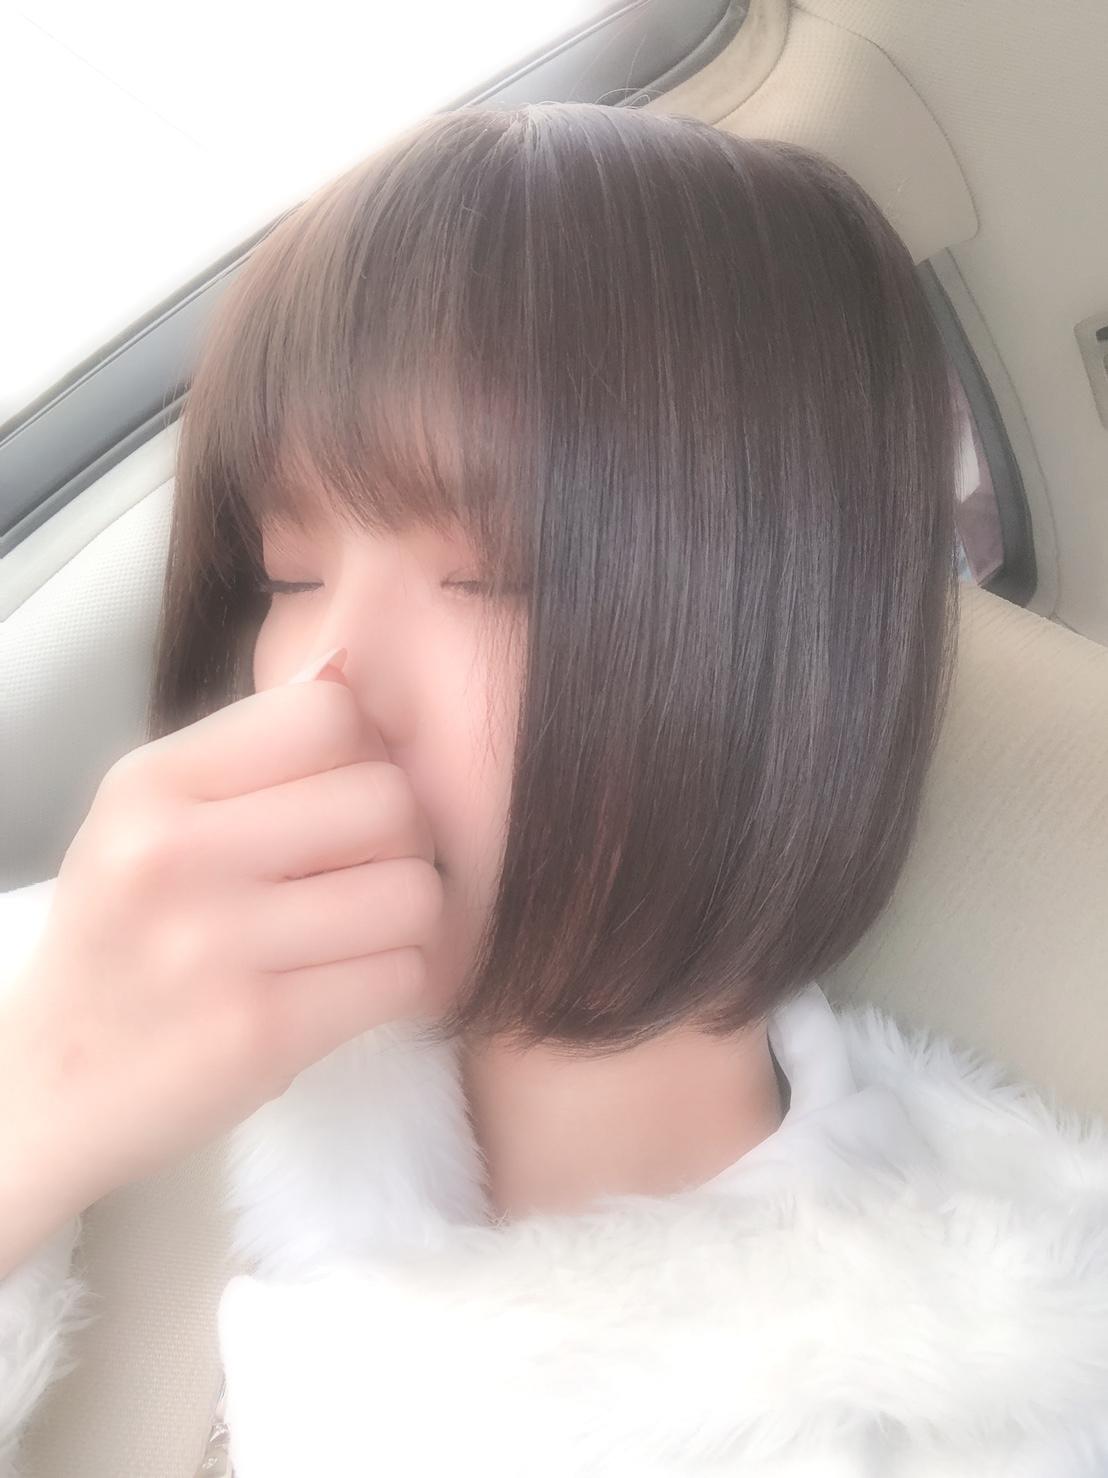 「恋蛍 お休みうたさん」12/10(火) 16:59 | うたの写メ・風俗動画